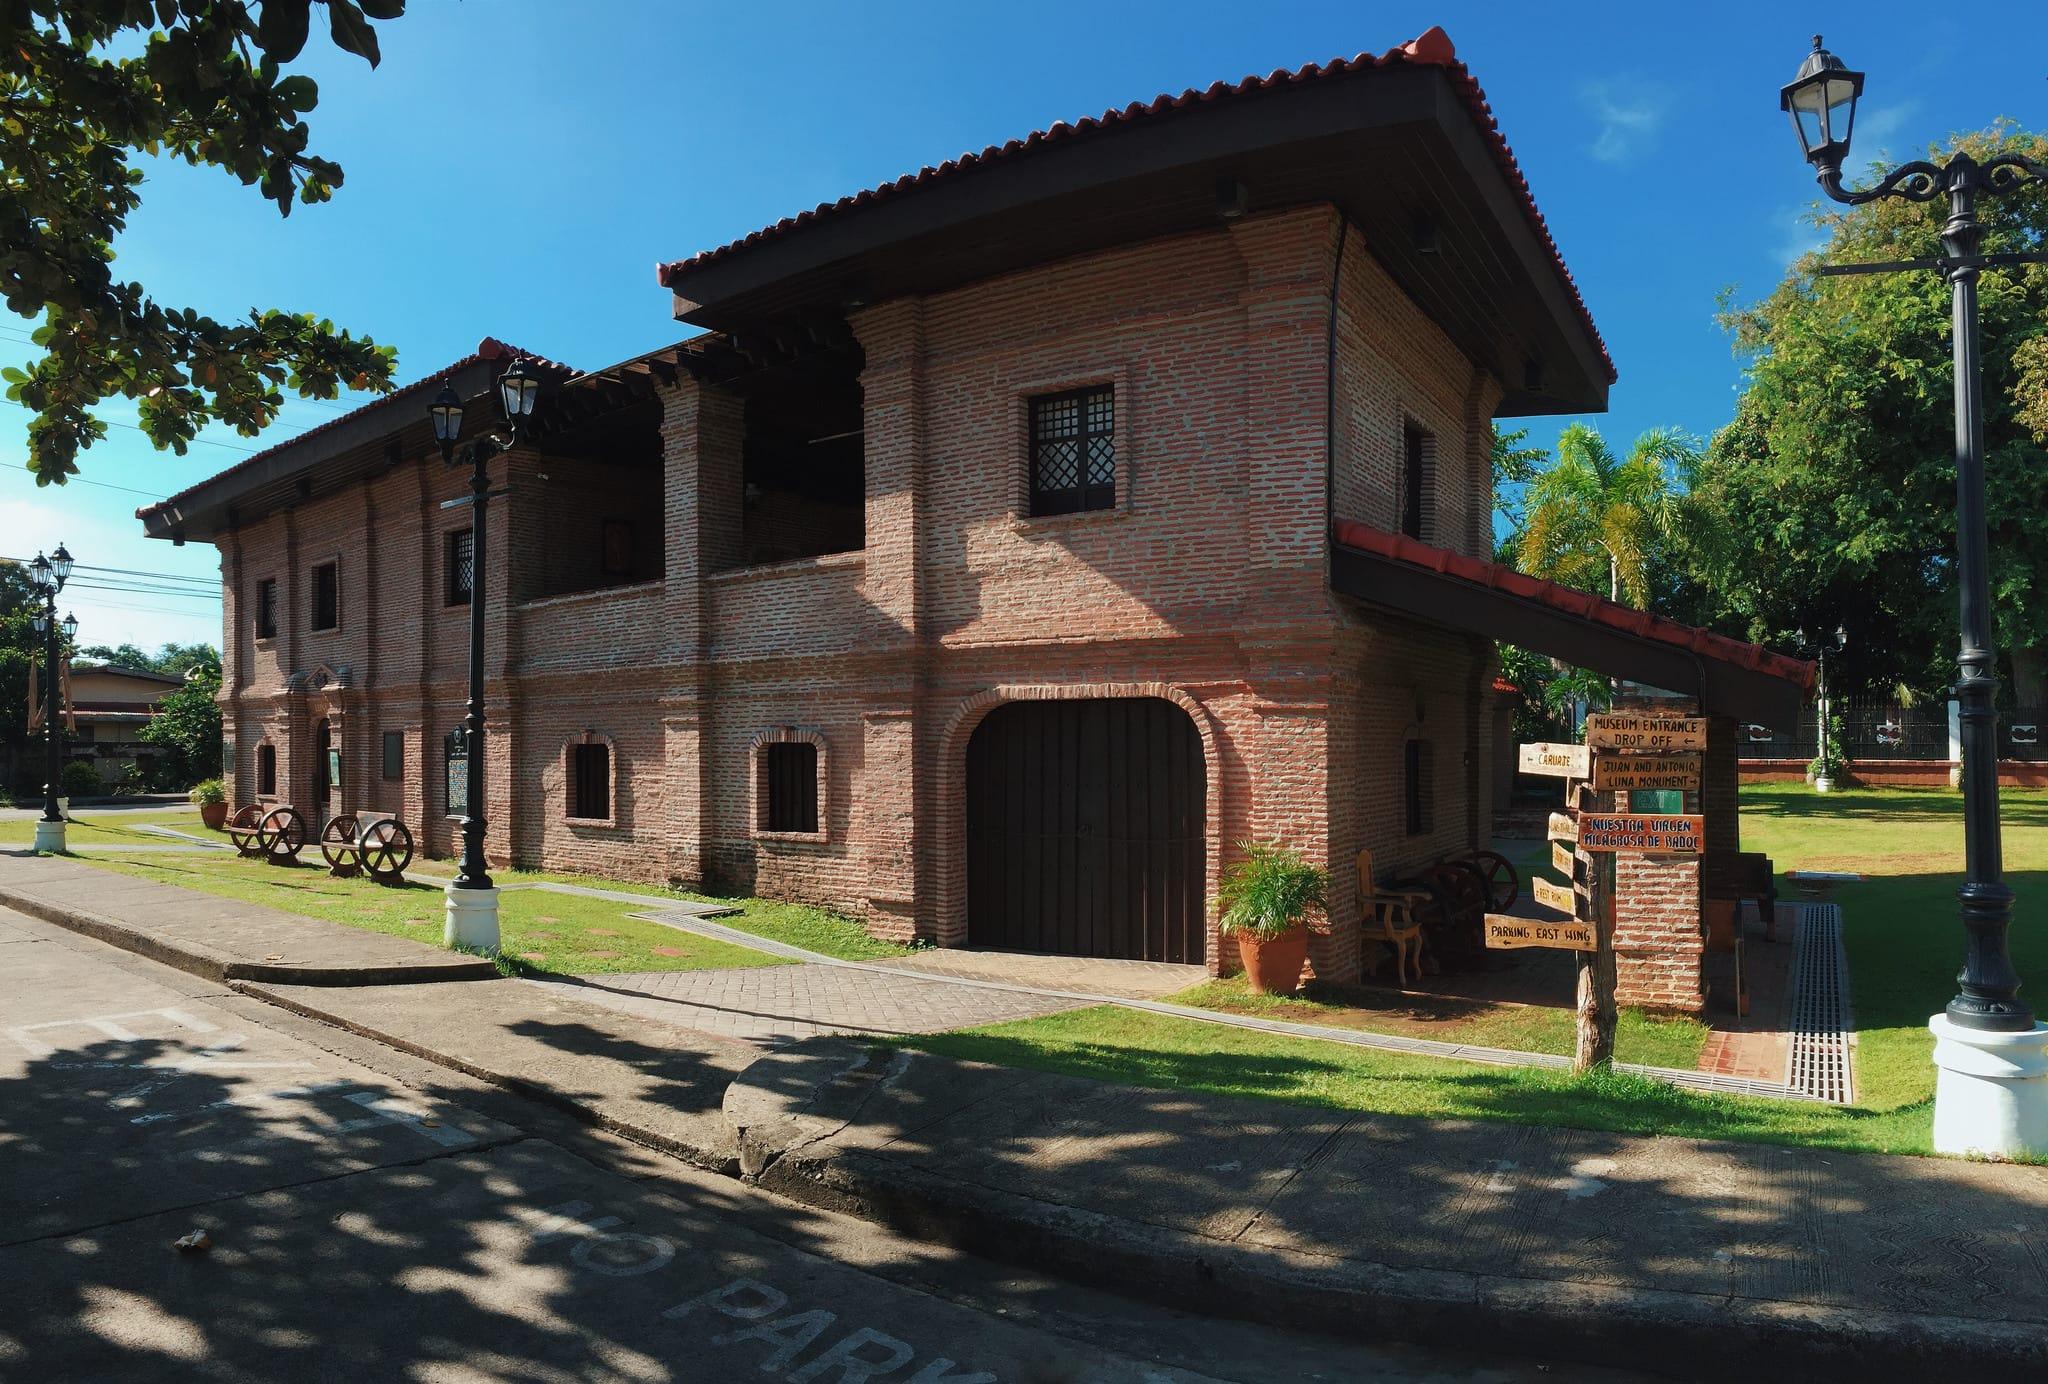 Ilocos Norte tourist spots, Juan Luna Shrine Ilocos Norte, things to do in Laoag, bangui windmills, things to do in pagudpud, tourist spots in Ilocos Norte